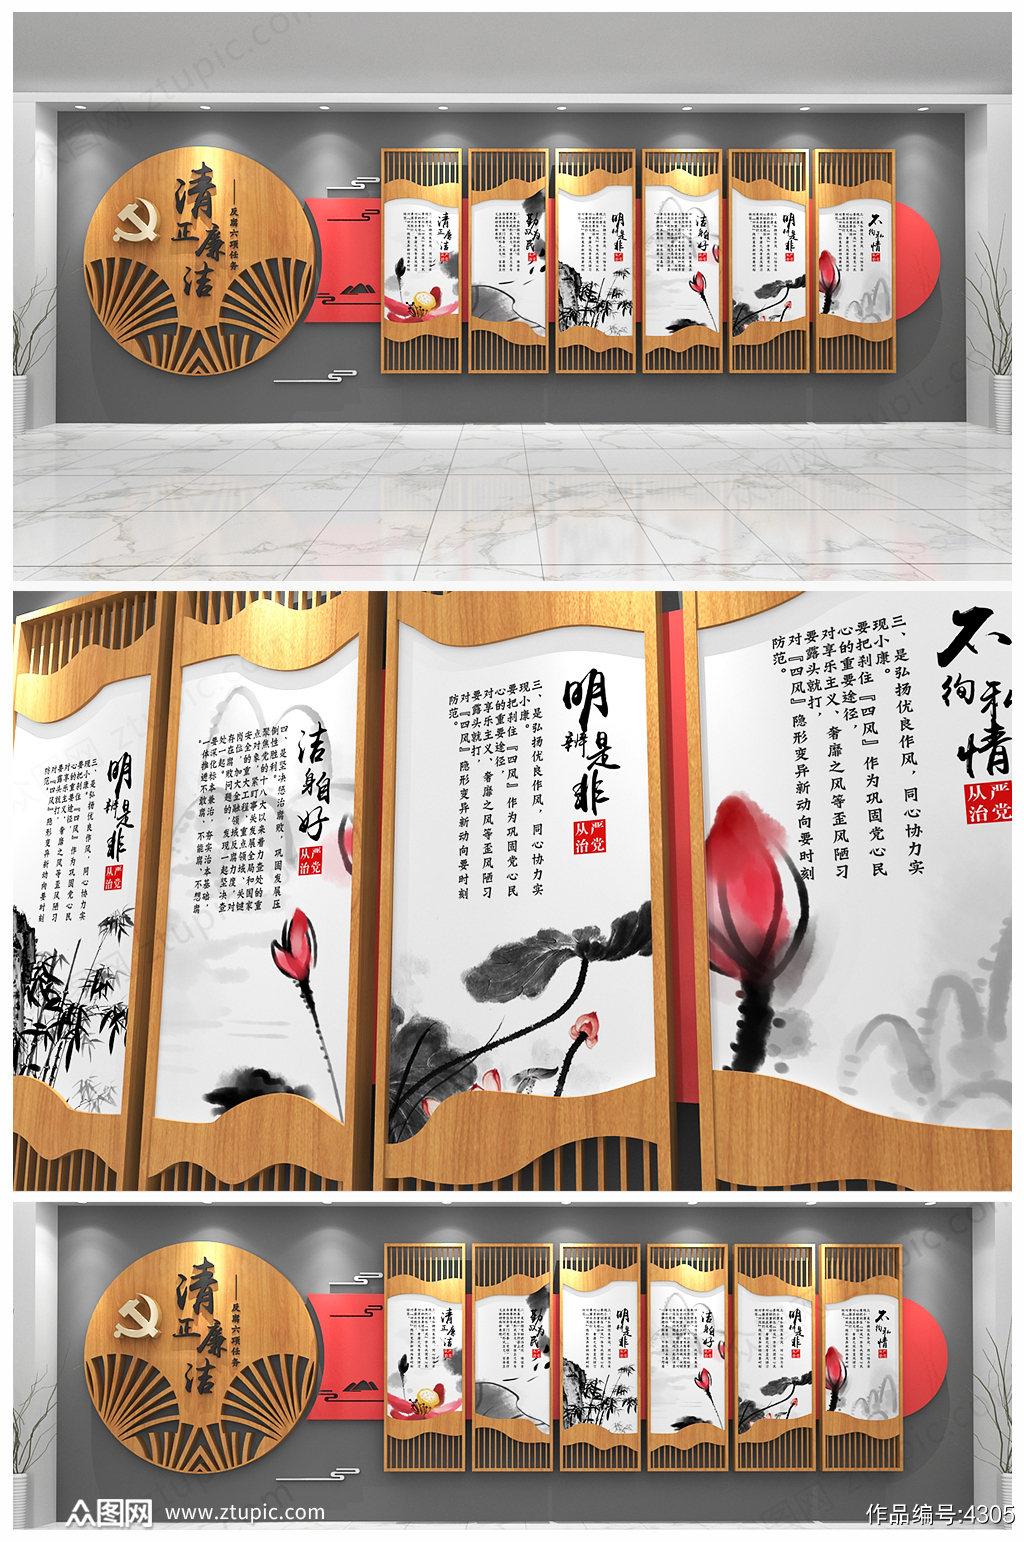 原创政府机关反腐建设廉政文化墙设计素材